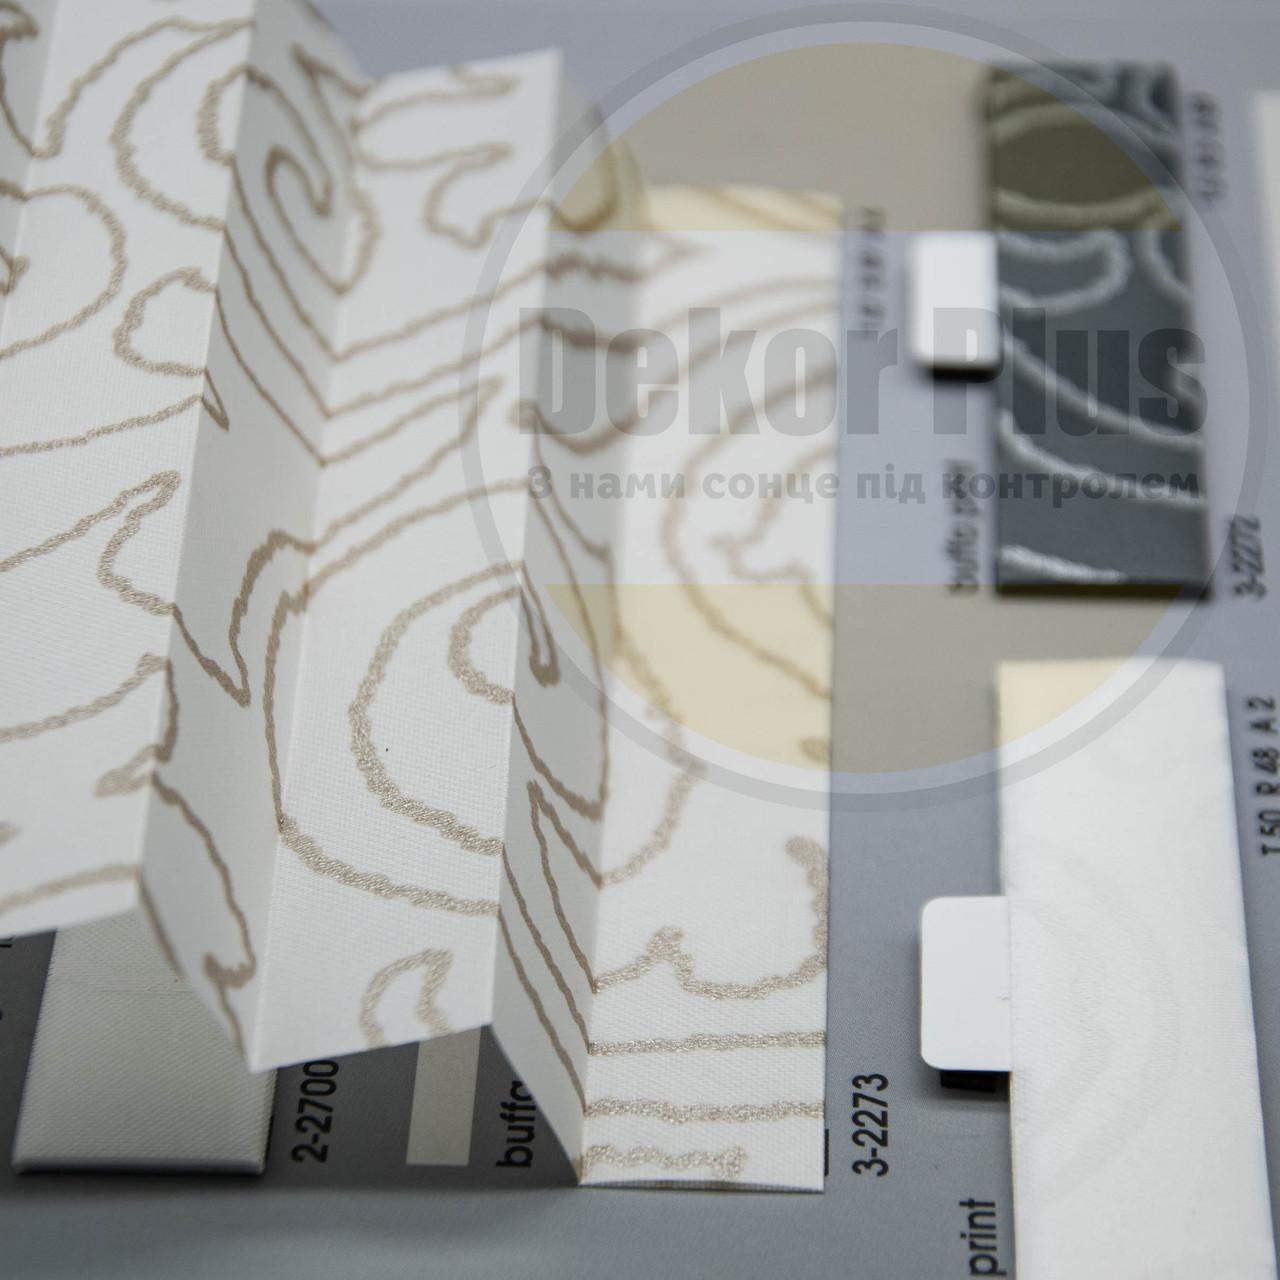 Штори плісе Buffa print (3 варіанта кольору)